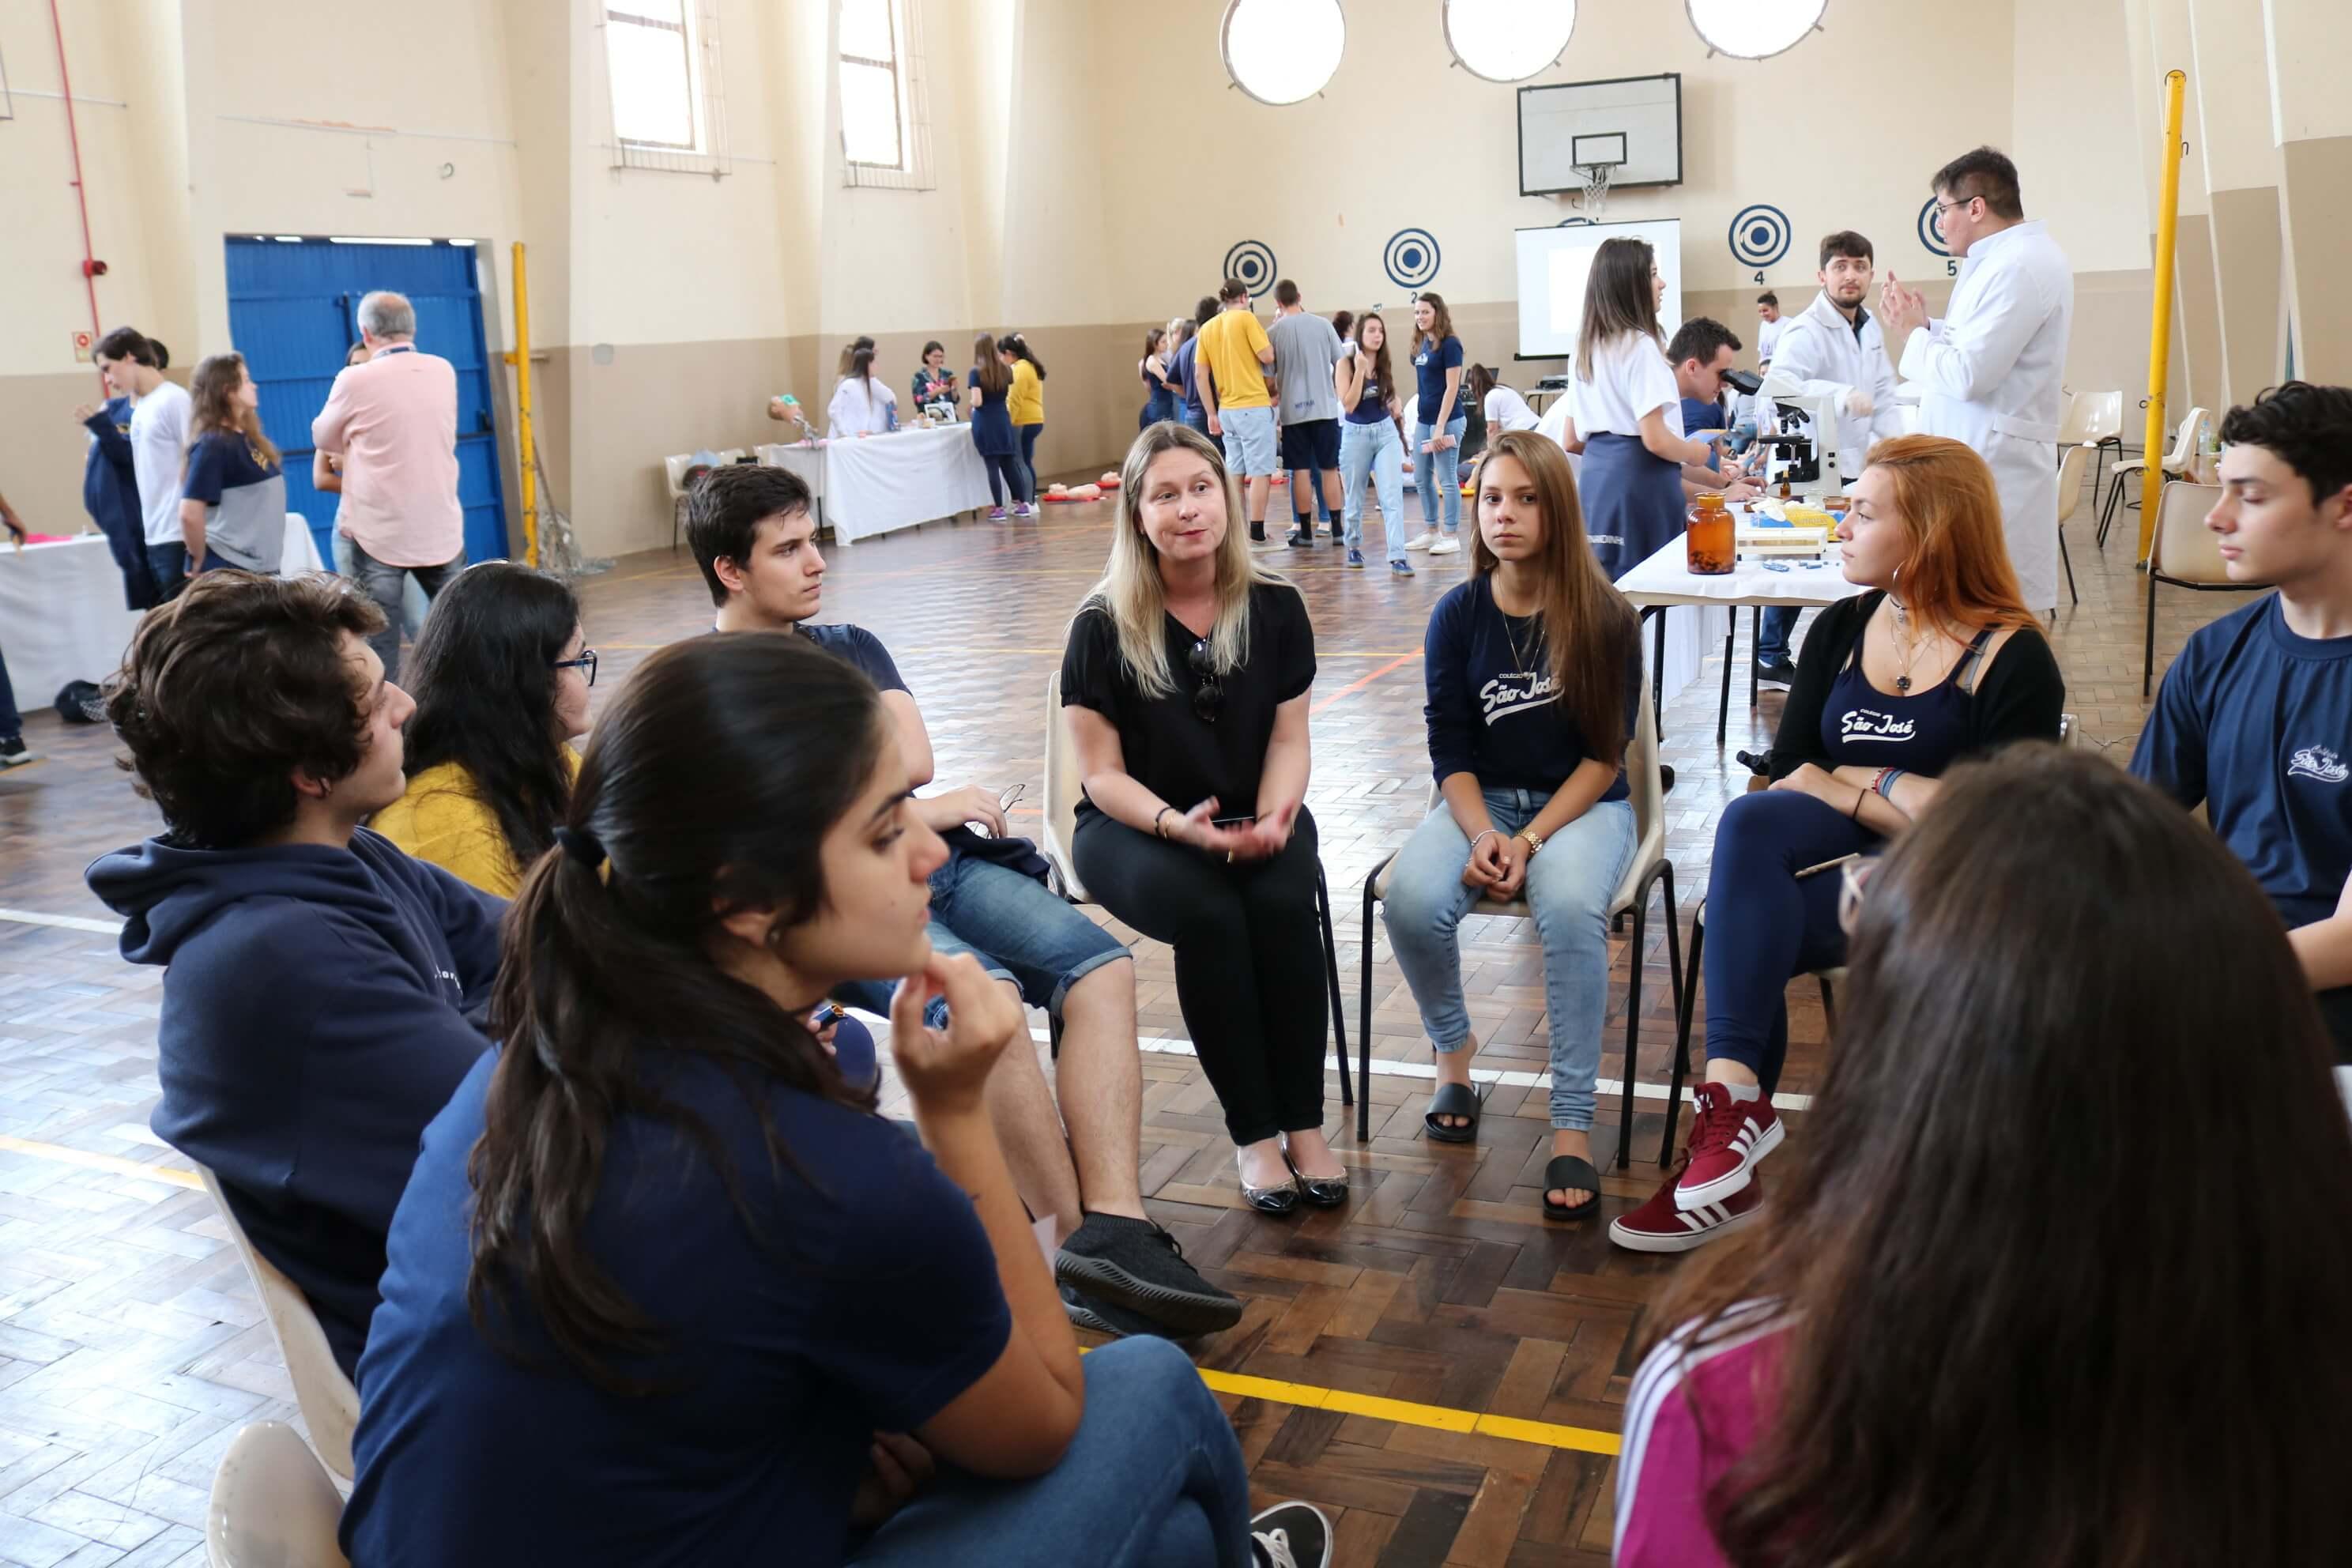 cursos UCPel, UCPel apresenta cursos na Semana das Profissões do Colégio São José